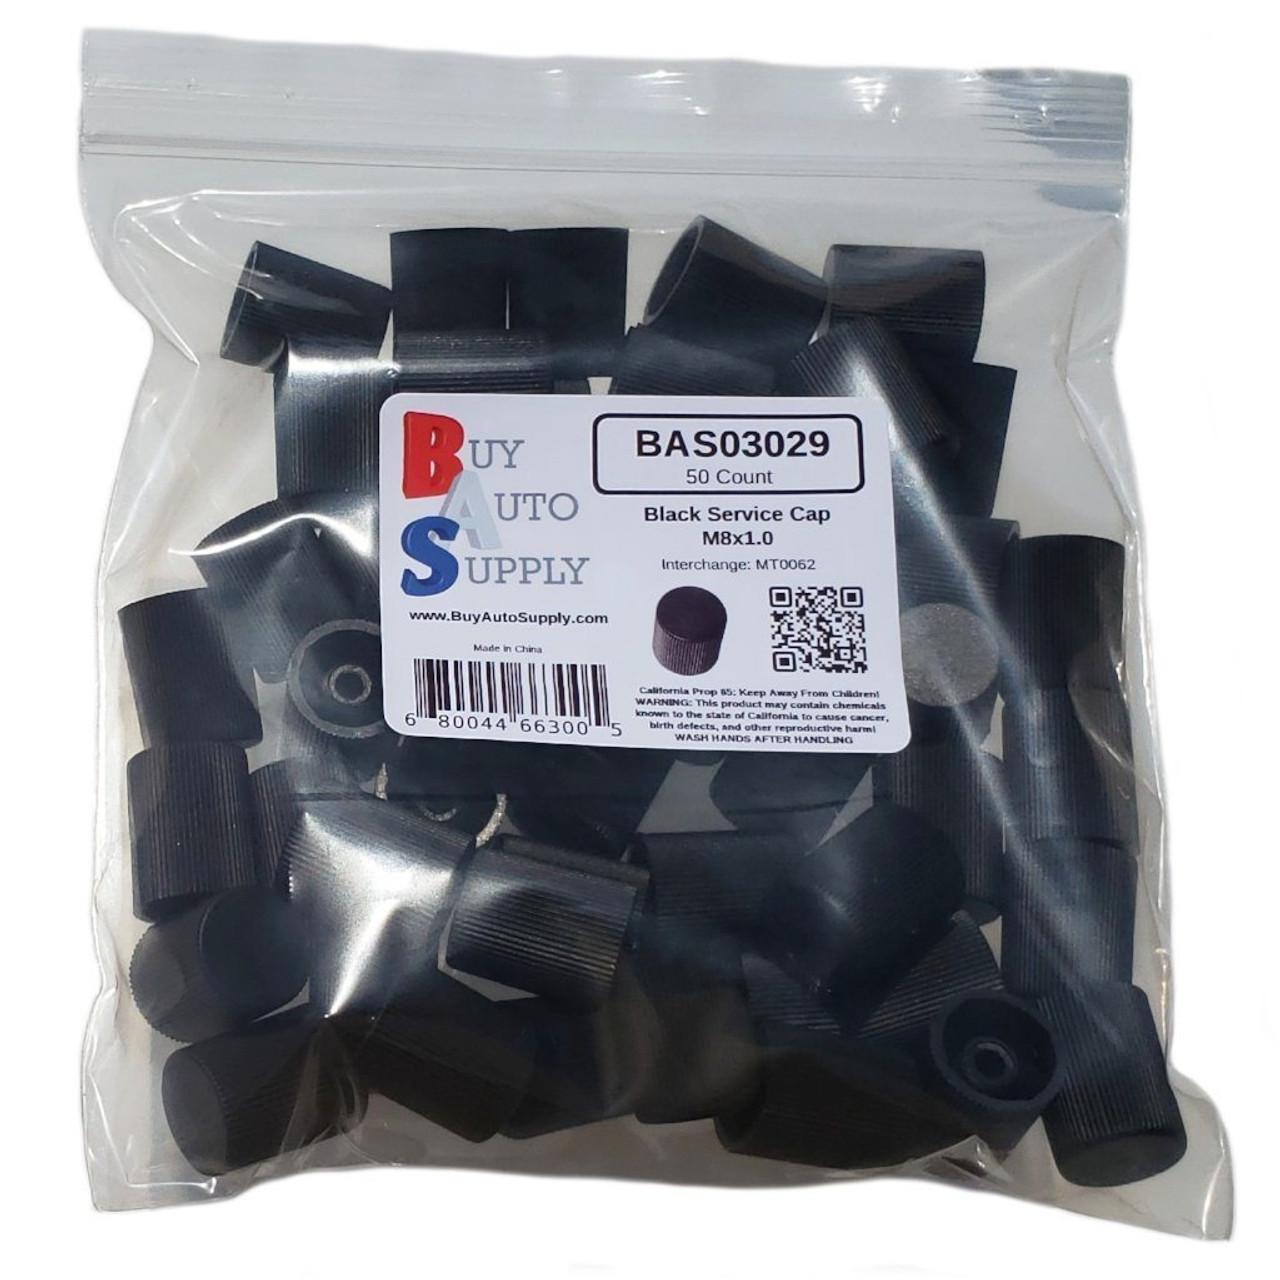 Bag of 50 AC Service Valve Caps - Black Low Side M8x1.0 - Interchanges: MT0062, 59937